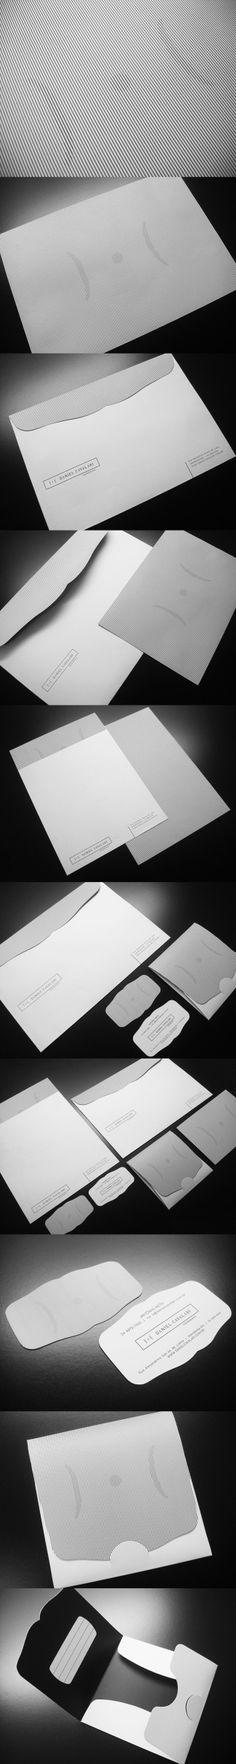 法式條紋時尚感 信封設計 | MyDesy 淘靈感